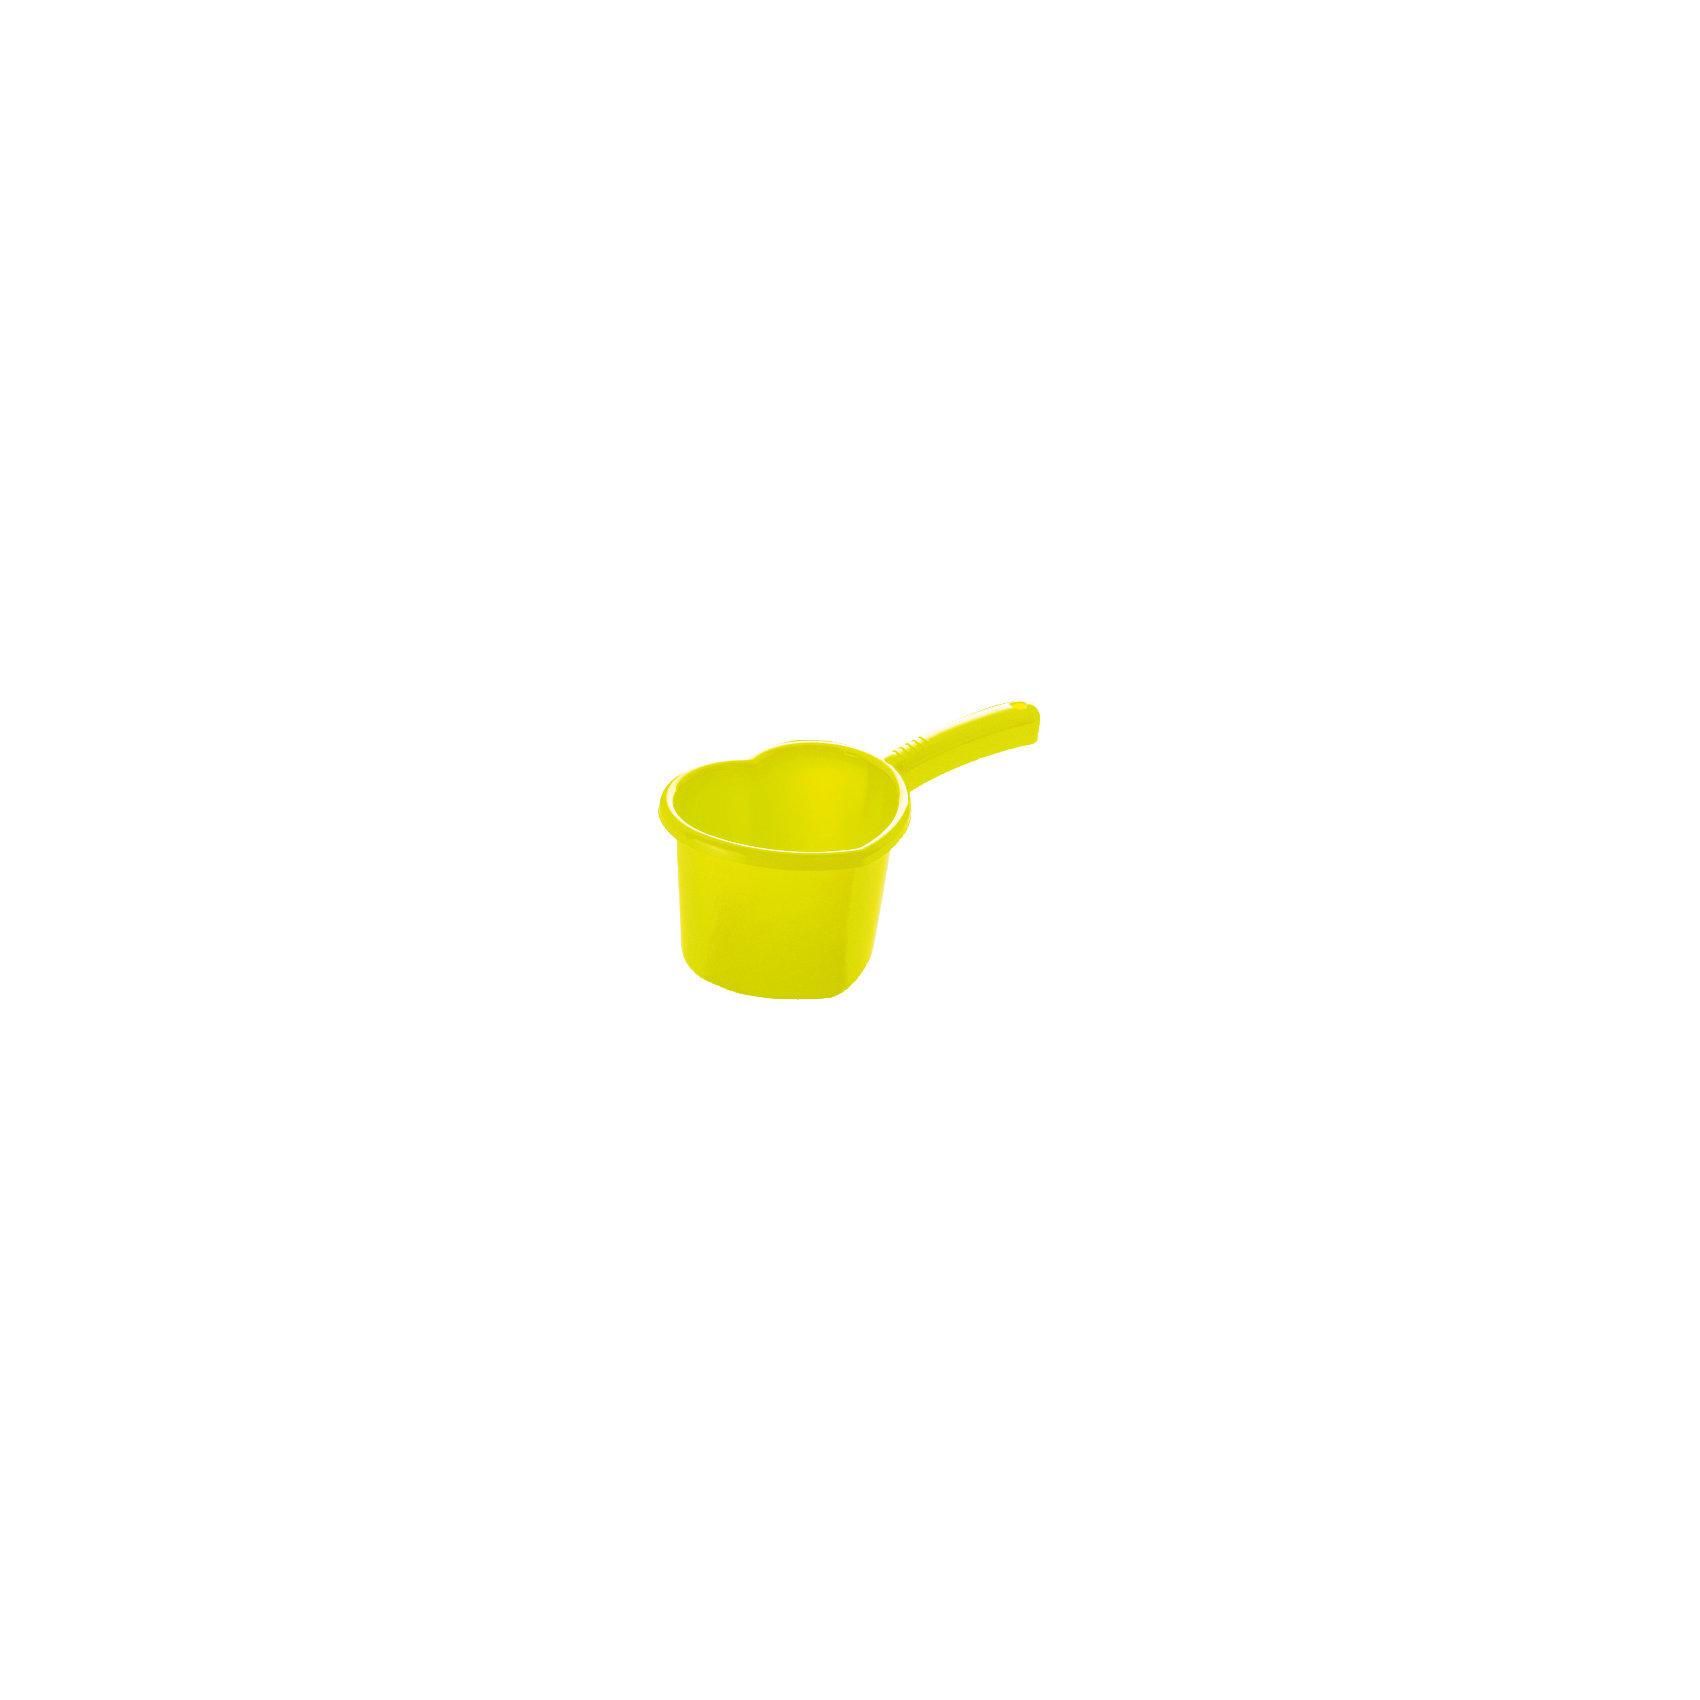 Ковш Сердечко 1,5 л, Plastic CentreВанная комната<br>Ковш Сердечко 1,5 л, PlasticCentre<br><br>Характеристики:<br><br>• Материал: пластик<br>• Цвет: желтый<br>• В комплекте: 1 штука<br>• Объем: 1,5 литр<br><br>Этот ковш изготовлен из прочного и безопасного пластика, который не бьется и устойчив к царапинам. Он имеет стильный дизайн и выполнен в форме сердца. Этот удобный и практичный предмет легко впишется в стиль вашего дома и порадует глаз.<br><br>Ковш Сердечко 1,5 л, PlasticCentre можно купить в нашем интернет-магазине.<br><br>Ширина мм: 290<br>Глубина мм: 140<br>Высота мм: 150<br>Вес г: 95<br>Возраст от месяцев: 216<br>Возраст до месяцев: 1188<br>Пол: Унисекс<br>Возраст: Детский<br>SKU: 5545685